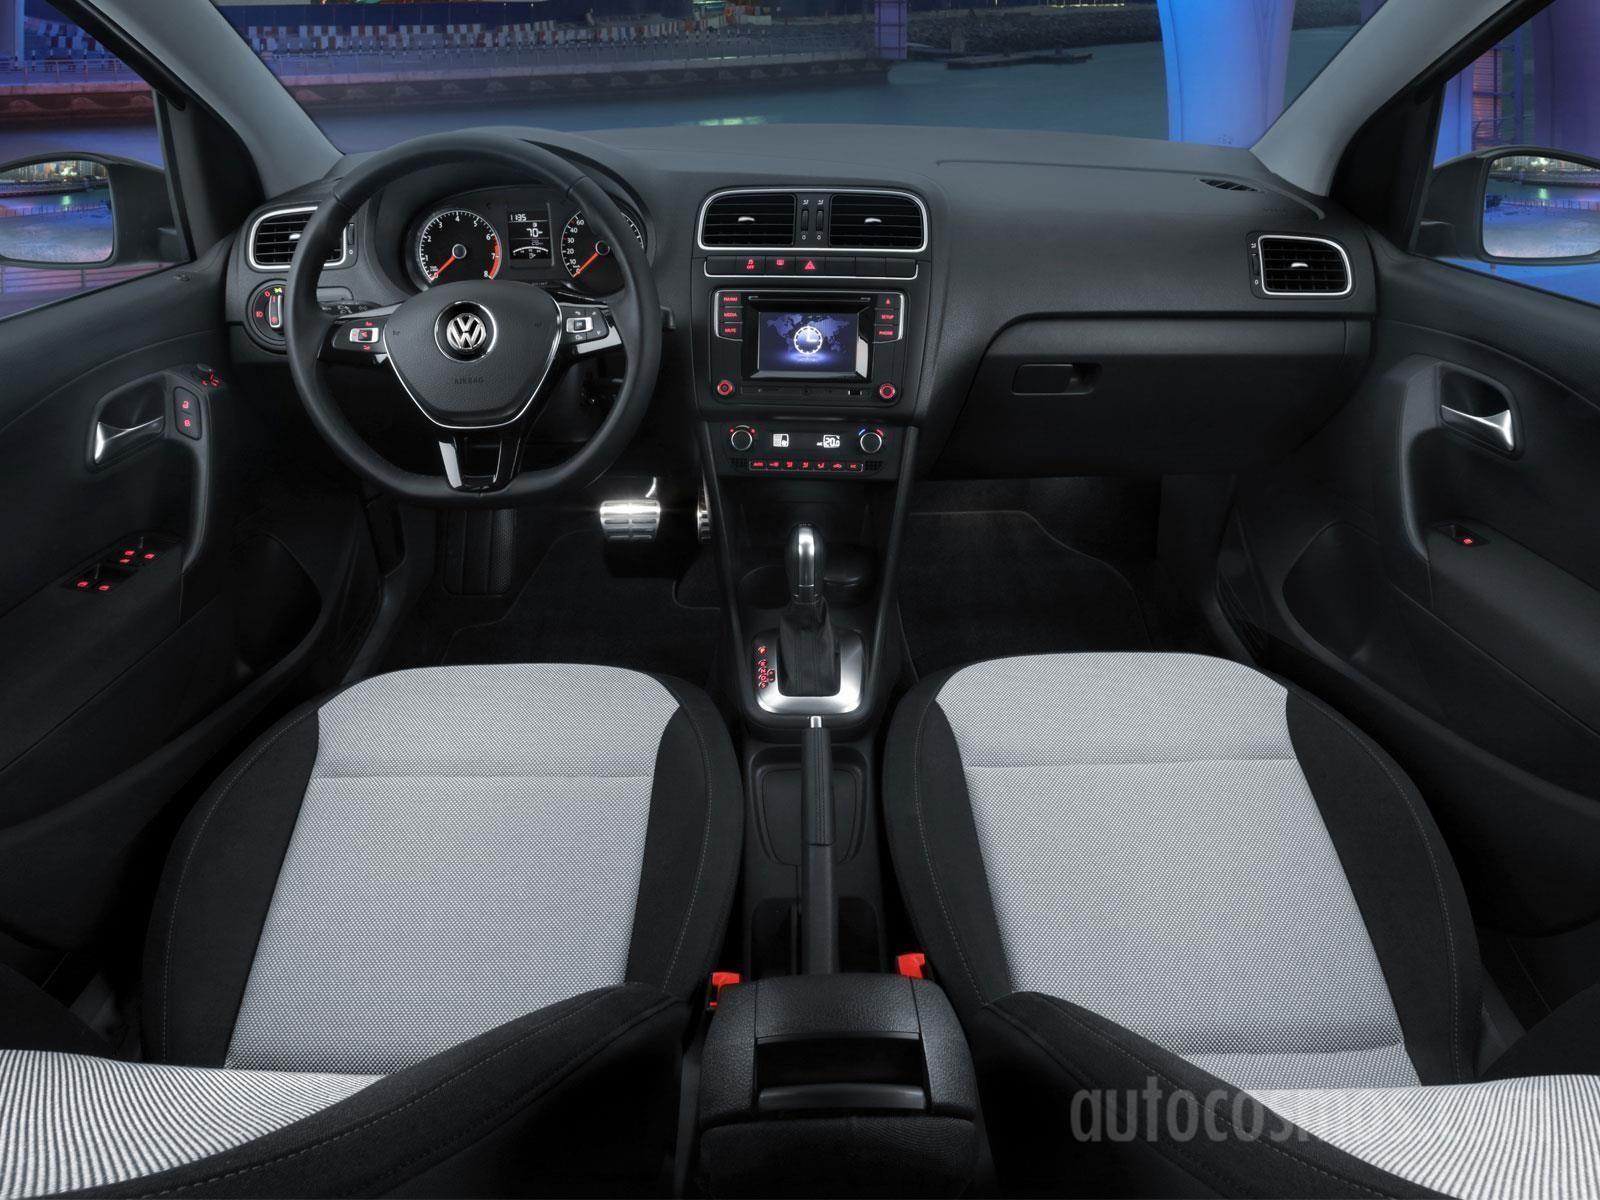 Volkswagen Polo Sportline 2018 Autocosmos Com